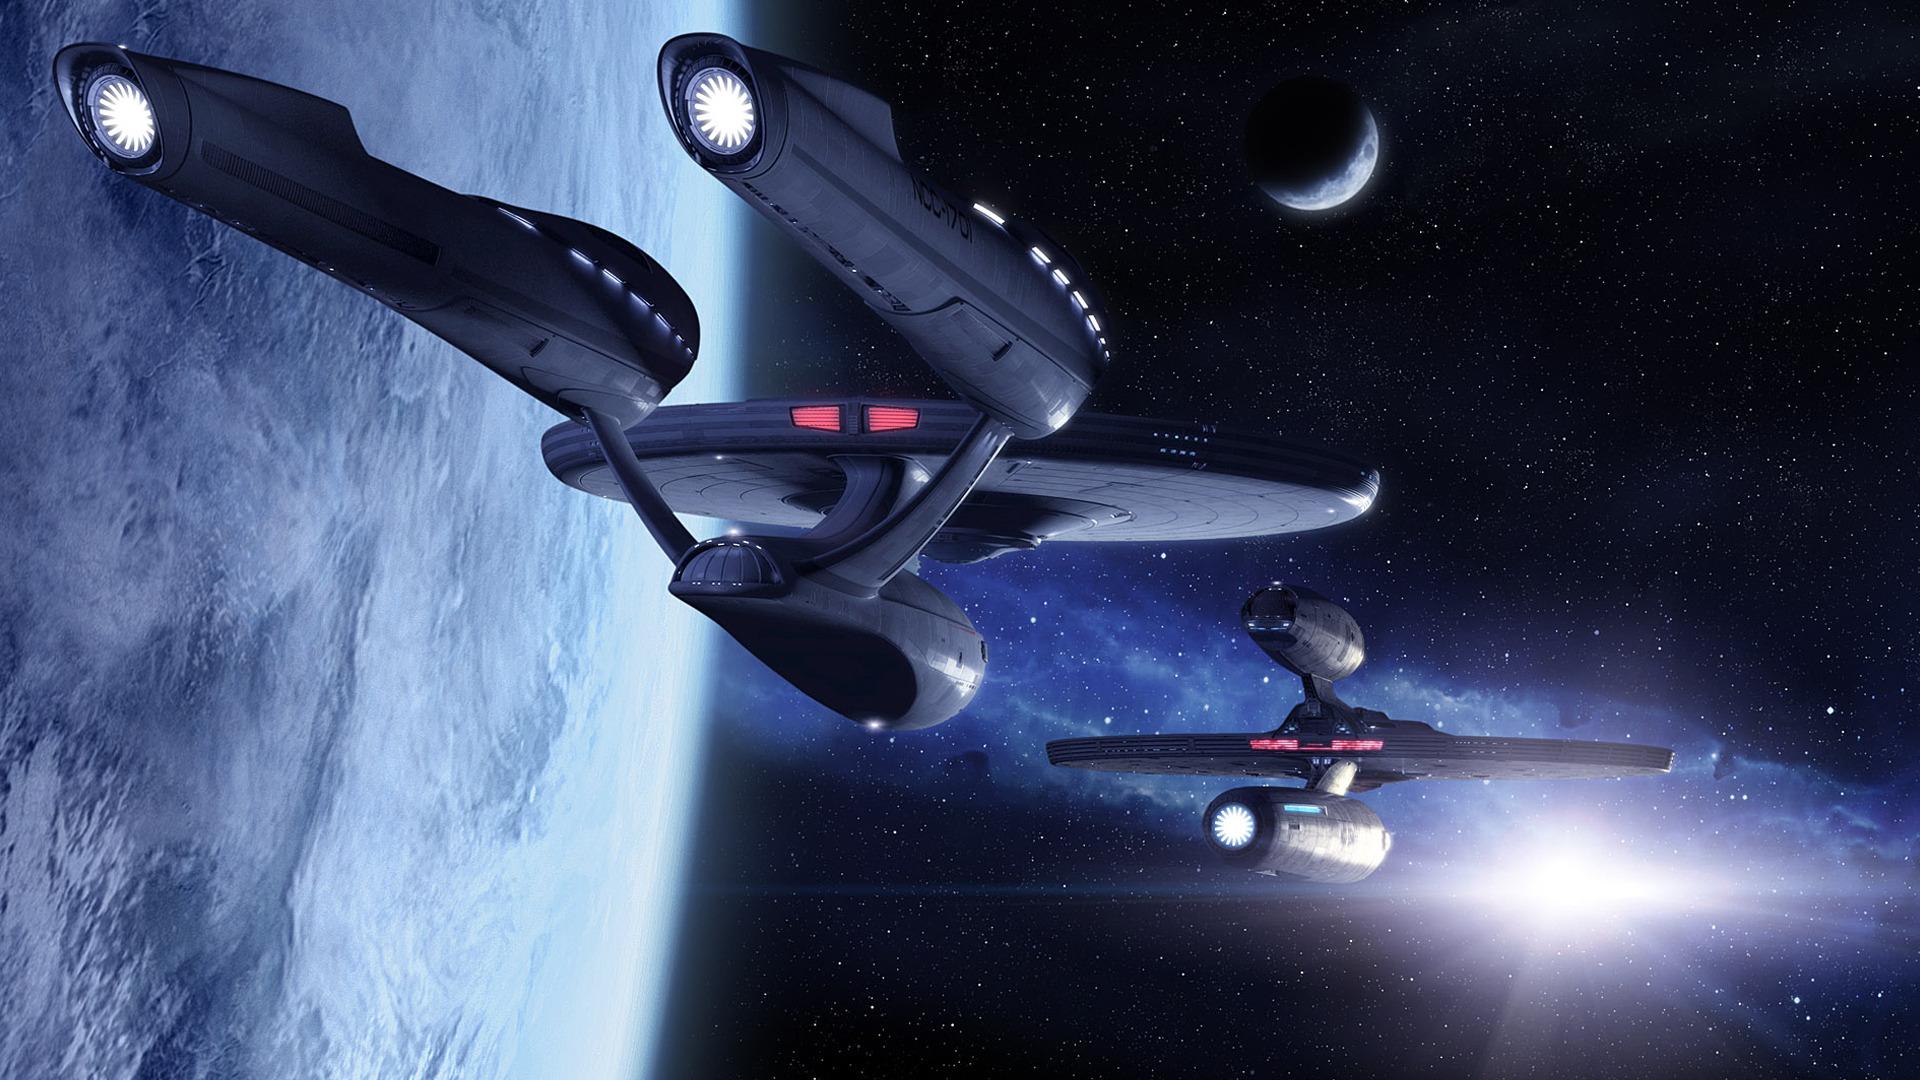 Enterprise   Star Trek wallpaper   102090 1920x1080